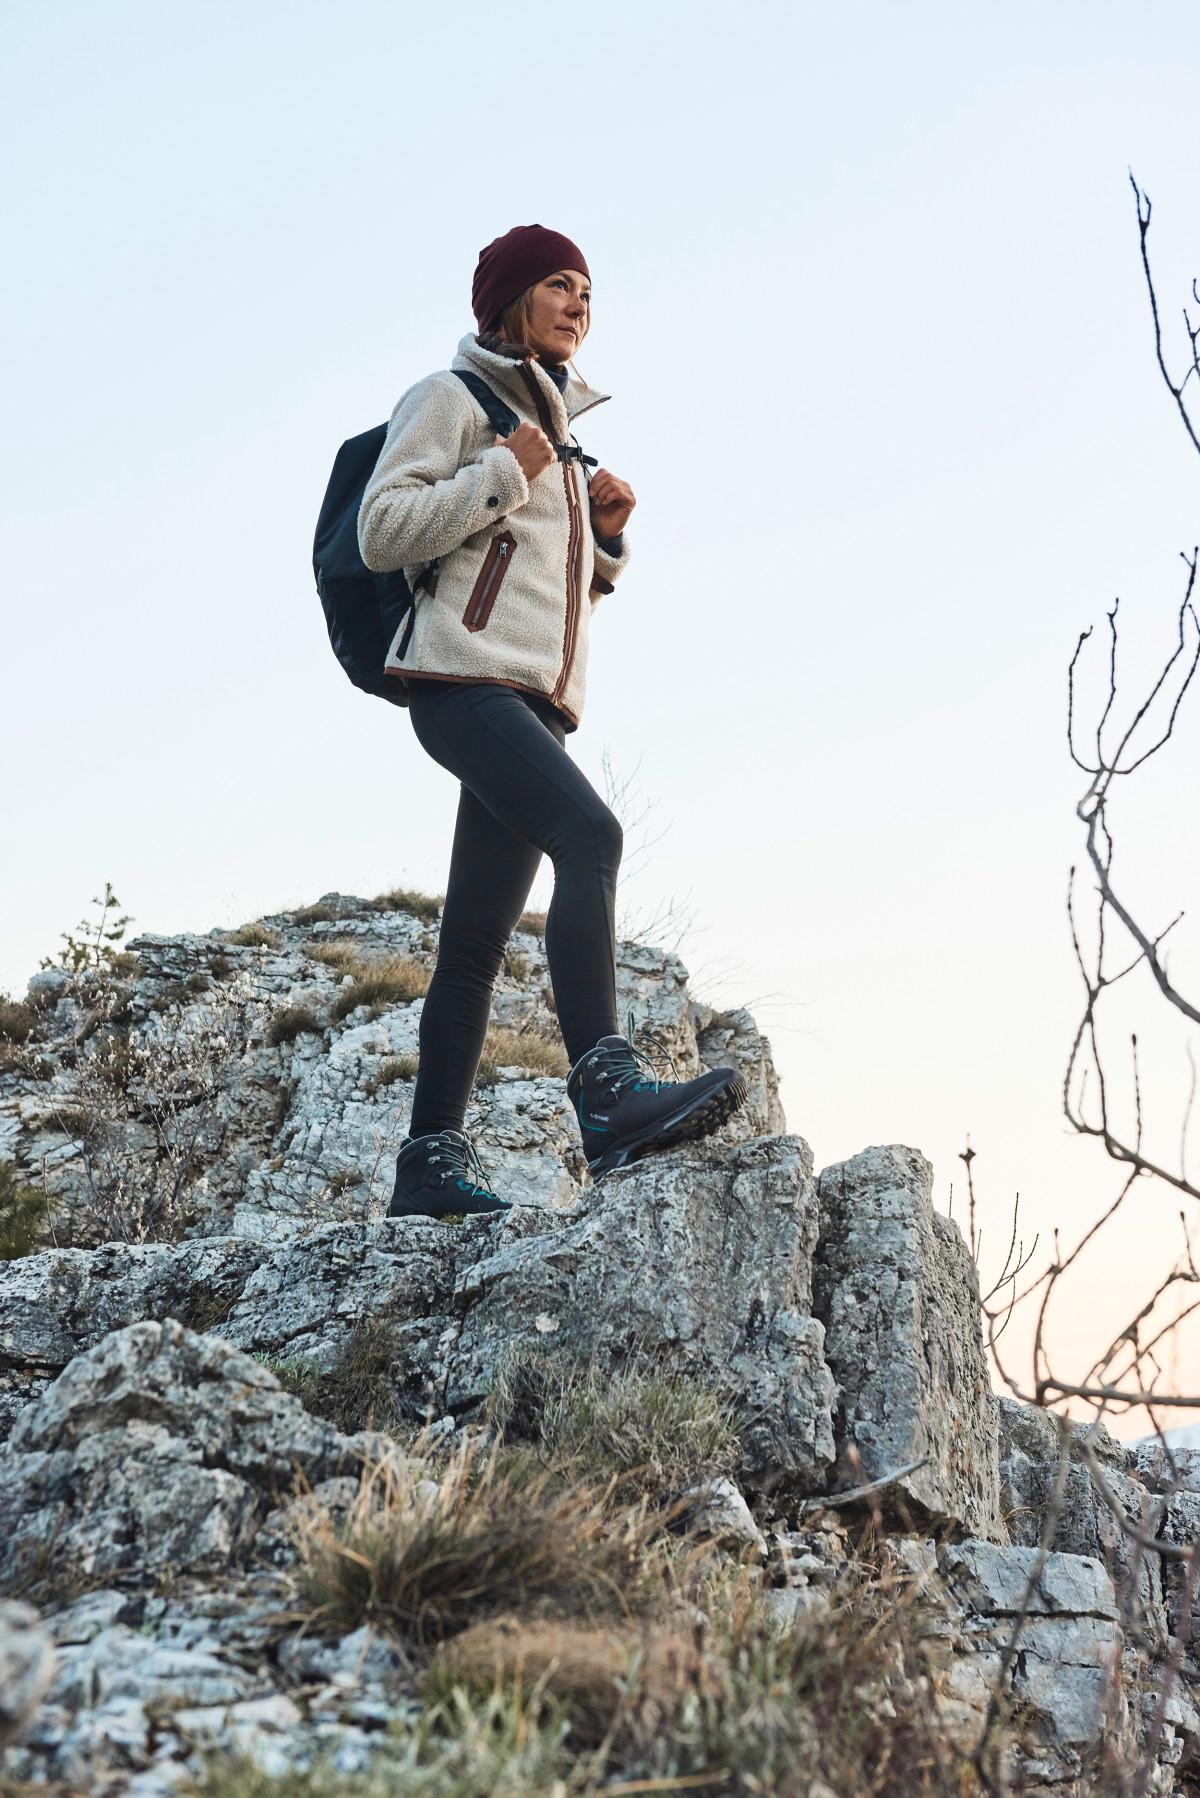 De berg op – maar wel graag comfortabel! Met de MAURIA GTX Ws gaat dat bij elke stap wonderbaarlijk goed, zelfs op veeleisende tochten. De bergschoen van het beste nubuckleer, speciaal ontwikkeld voor vrouwen, is een echte aanrader. Perfect hierbij: de speciale schachtafwerking biedt optimaal comfort en is perfect aangepast aan de vrouwelijke anatomie. LOWA heeft ook een GORE-TEX-binnenvoering verwerkt, zodat weer en wind gewoon hun gang kunnen gaan.